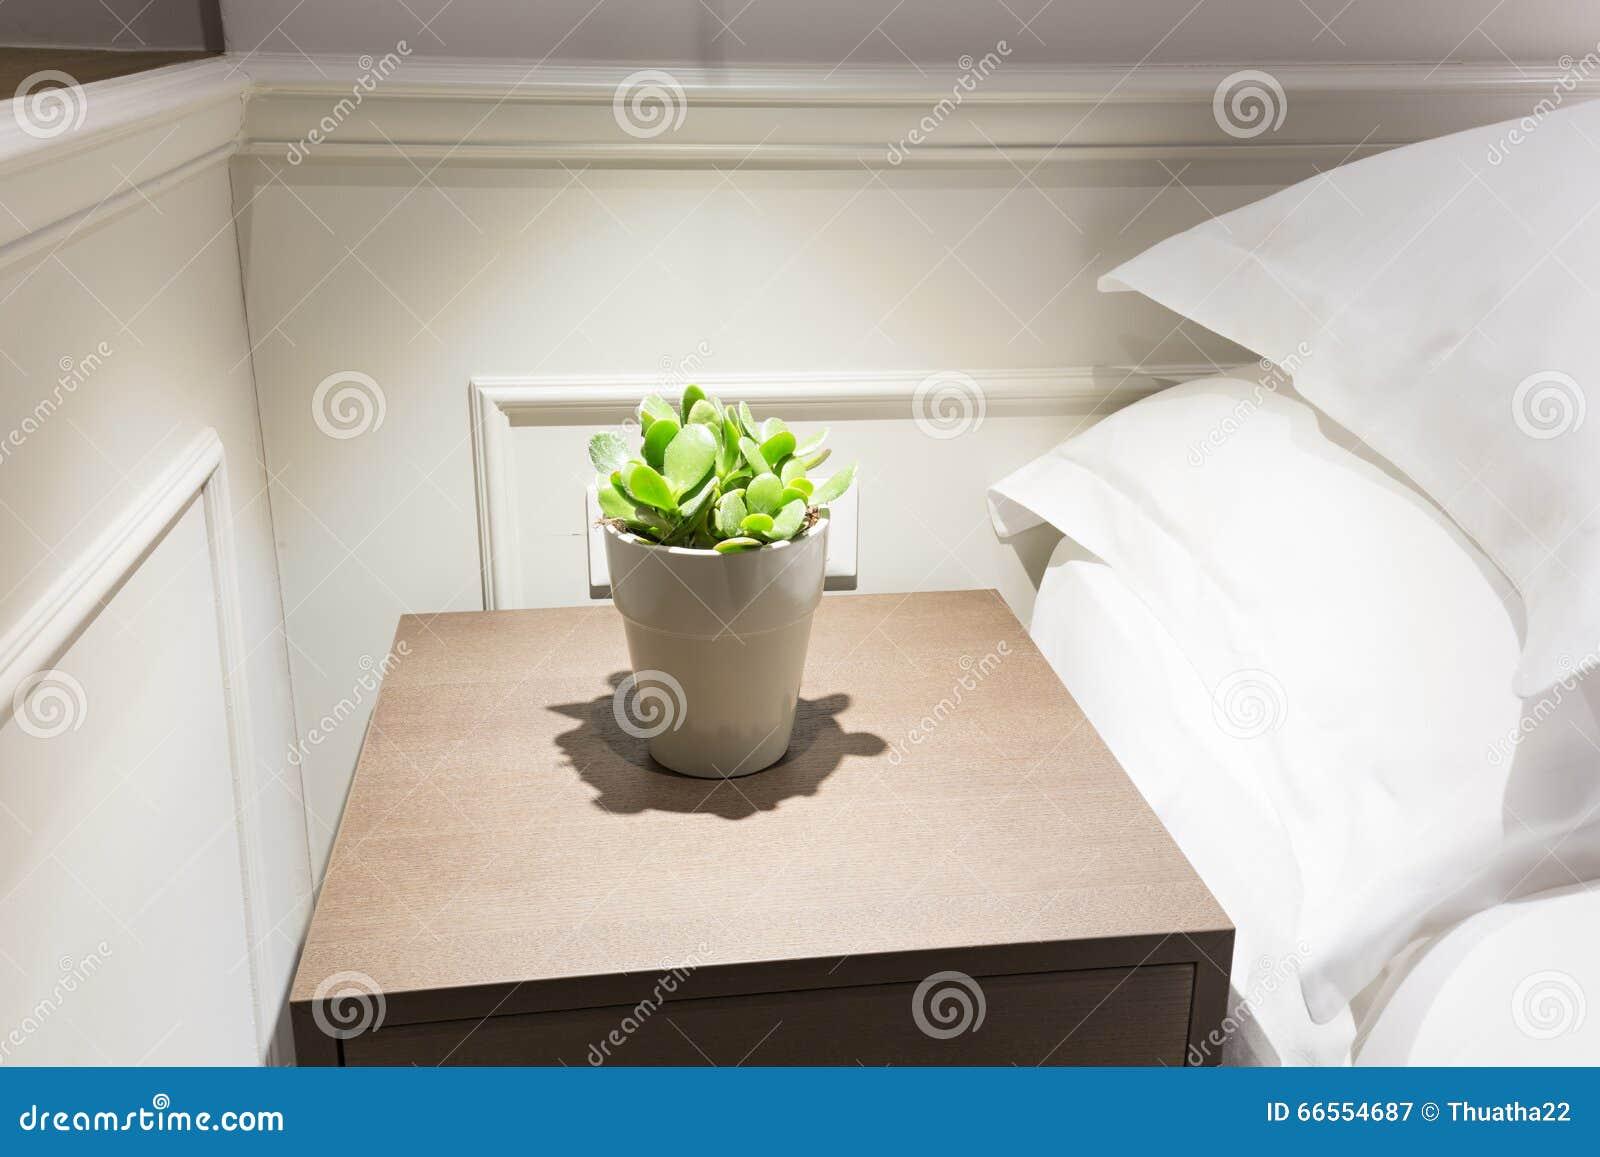 Usine Le Petite De à Une Fleurs Sur De Nuit Dans Table Pot F1JcKlT